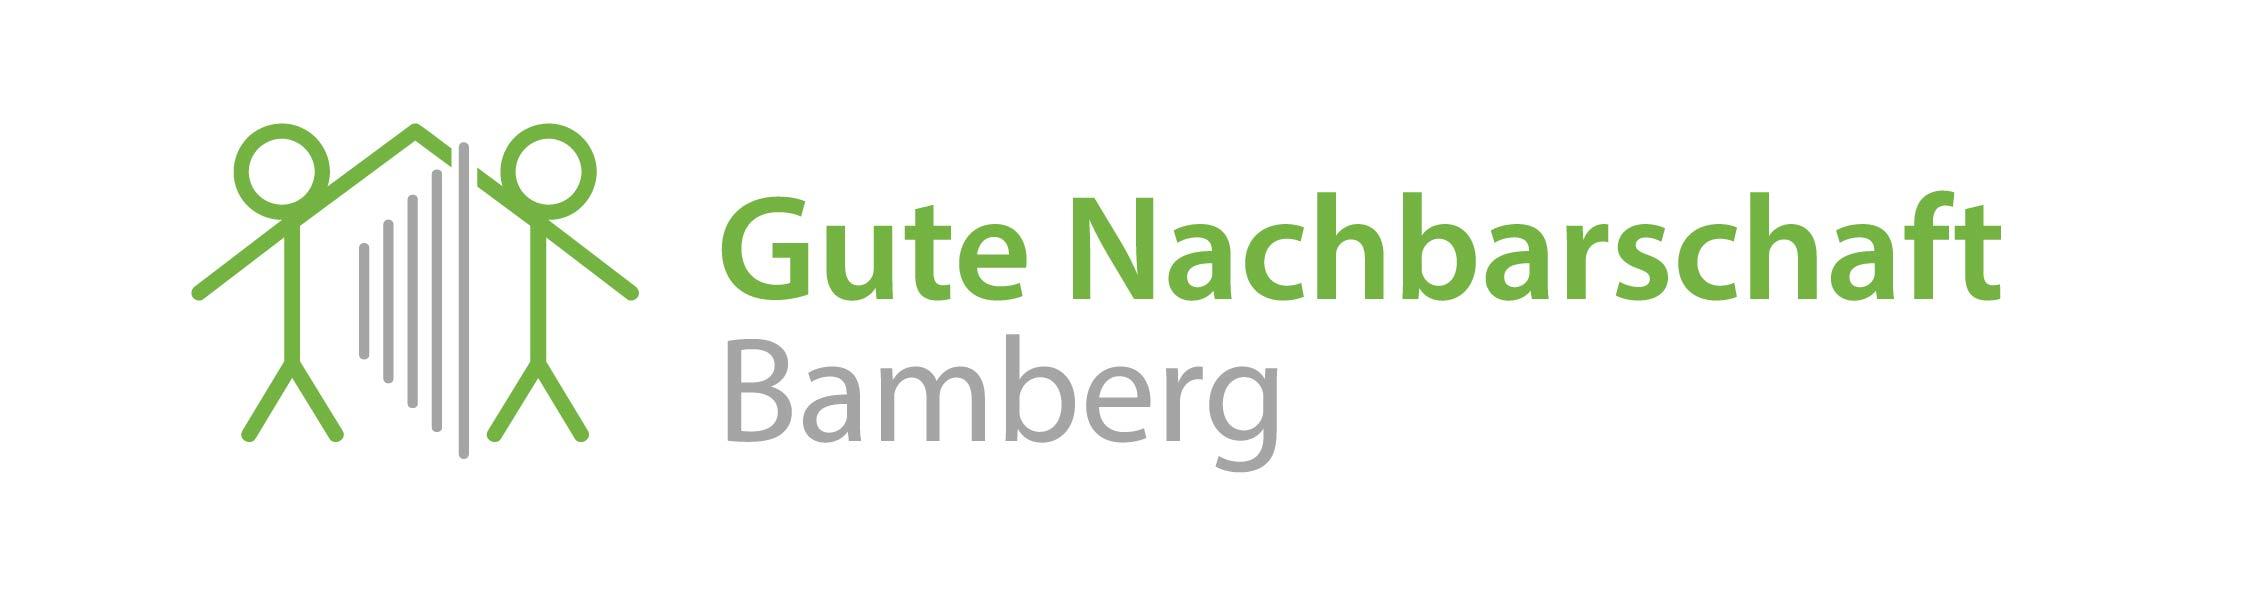 logo_guteNachbarn